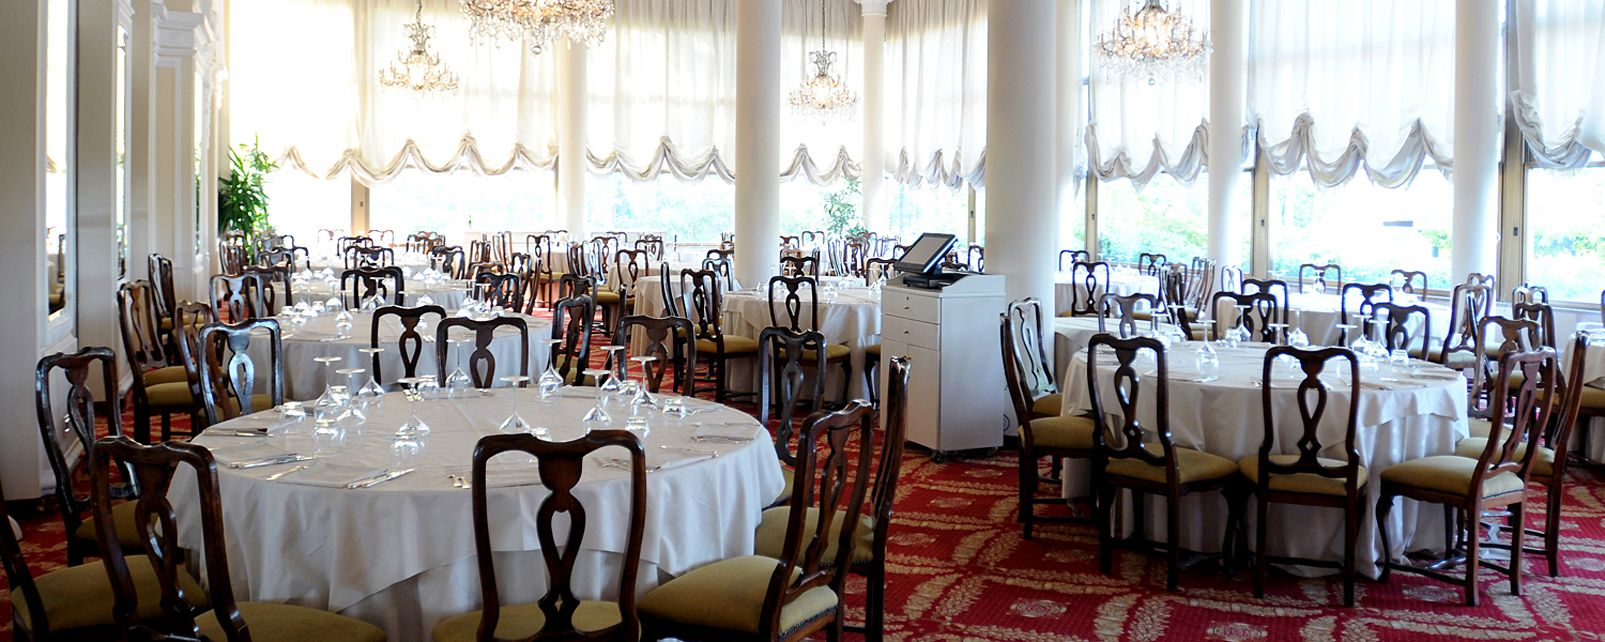 Hotel Grand Rimini